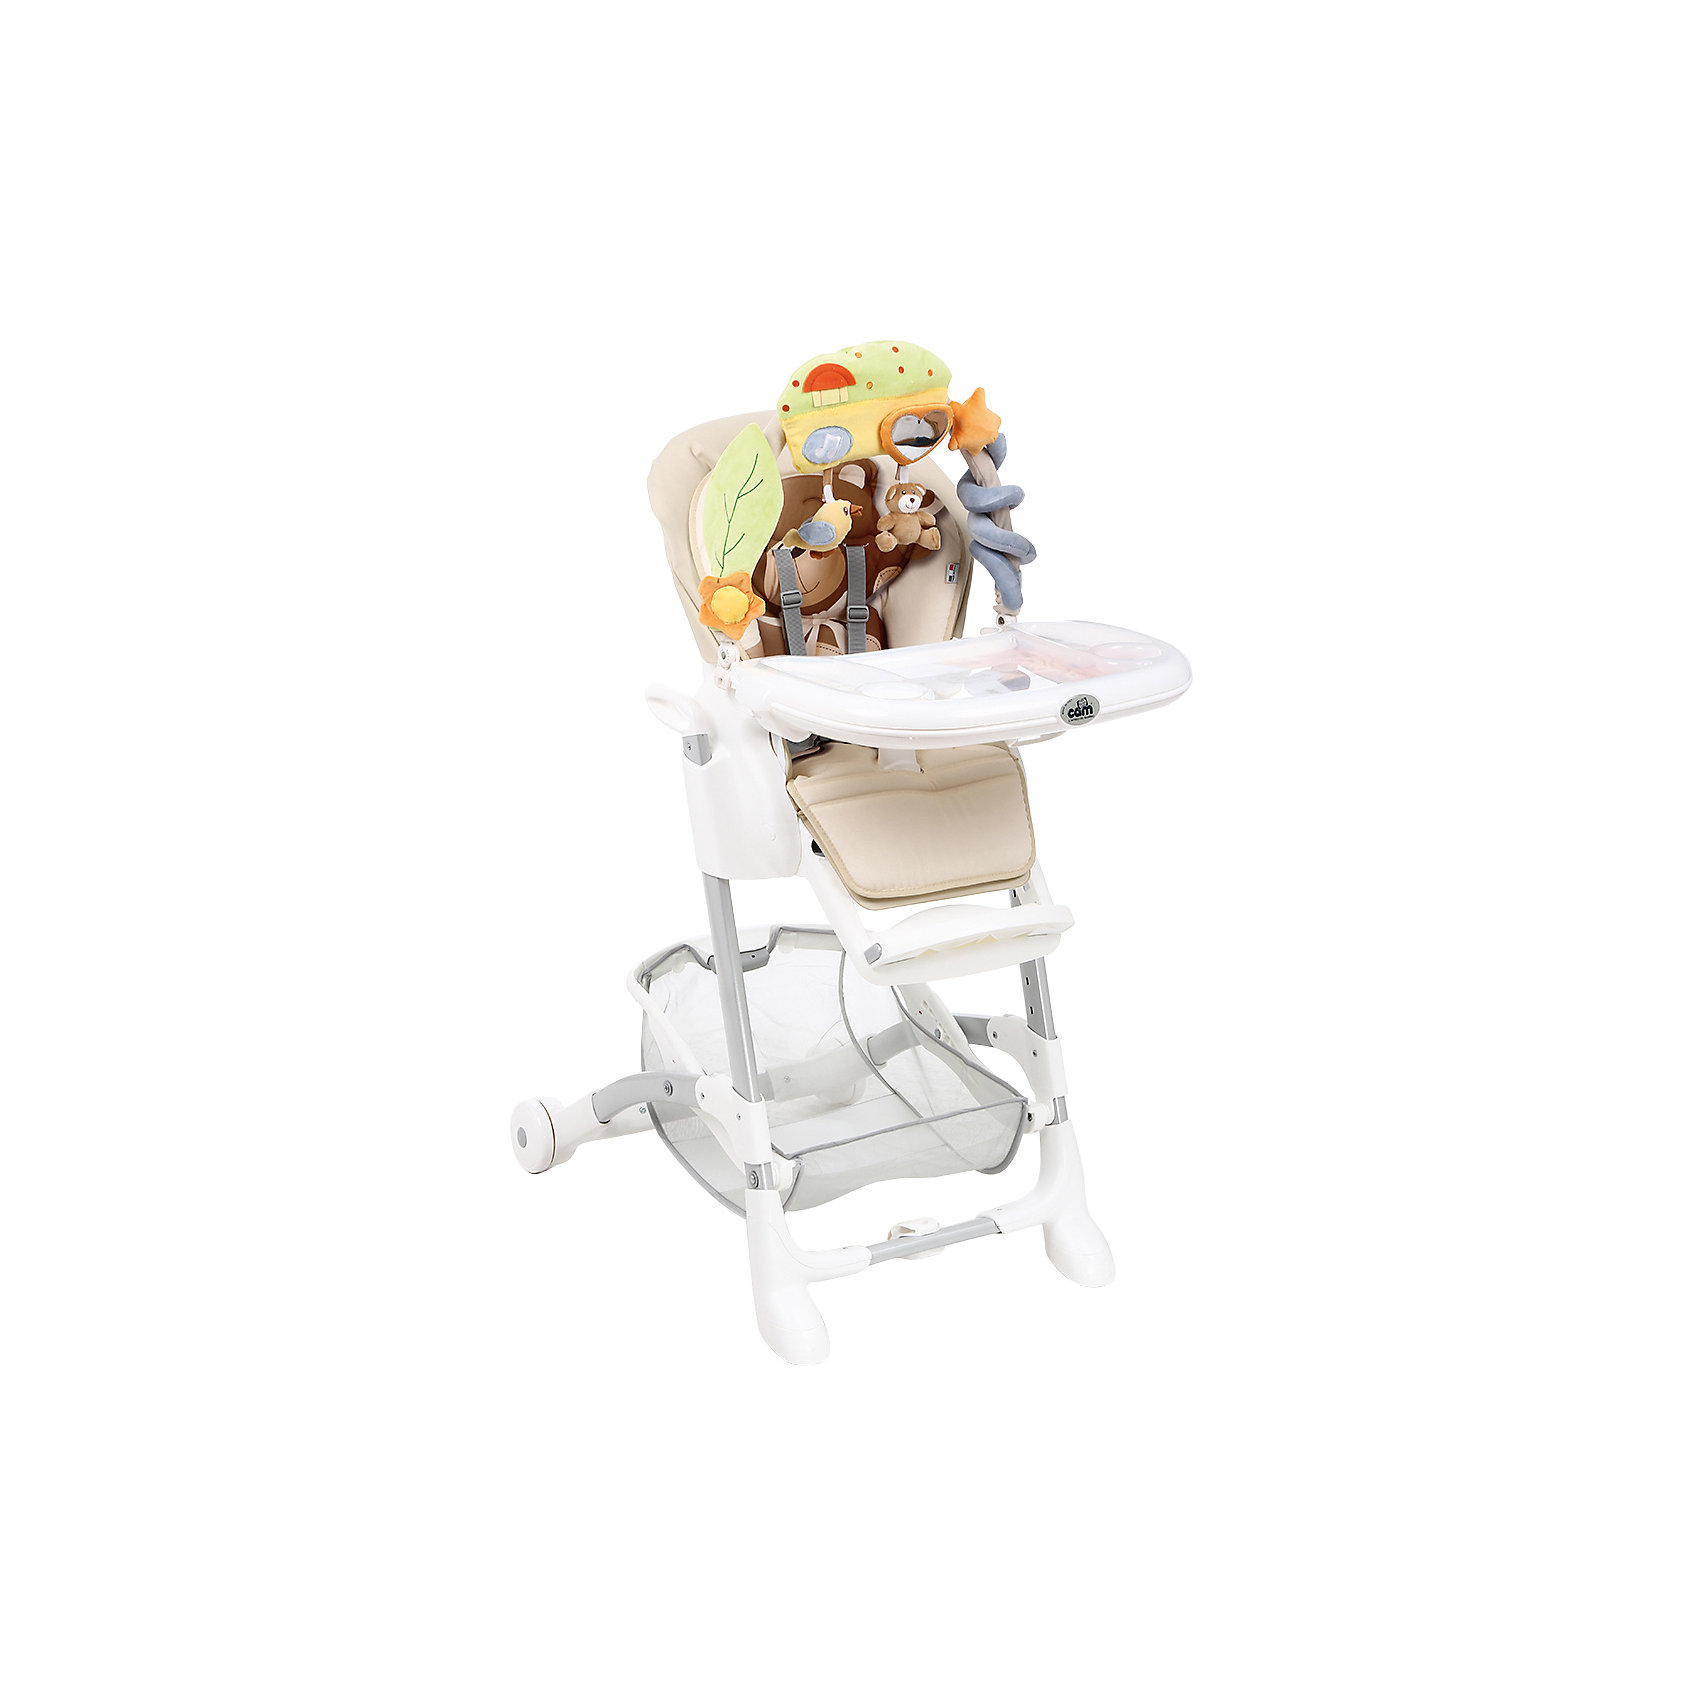 Стульчик для кормления Istante, CAM, бежевый с медвежонкомСтульчики для кормления<br>Стульчик для кормления Istante, CAM, бежевый с медвежонком обеспечивает удобство при кормлении.<br>Очень компактный и легкий стул создает максимальный комфорт для ребенка. Он регулируется: наклон спинки (4 режима), положение и высота опоры для ног (3 режима), регулировка высоты стула (7 режимов). Поднос можно снять, он также регулируется в 4 режимах. Кроме того, у стульчика чехол из искусственной кожи, который можно снять и легко помыть. Два колеса спереди обеспечивают удобное перемещение, но не скользят от движений ребенка. Для безопасности ребенка 5-точечный ремень безопасности. Есть отделение, в котором можно хранить продукты. Также есть крепление для игрушек, которым можно занять малыша, пока готовится обед. Оно легко «откидывается» назад, когда пришло время кушать. <br><br>Дополнительная информация:<br><br>- размер в открытом виде: 62х84х109 см<br>- размер в сложенном виде: 56х35х99.5см<br>- возрастная группа: от 0 месяцев<br>- цвет: бежевый<br>- в комплекте: 2 подноса<br><br>Стульчик для кормления Istante, CAM, бежевый с медвежонком бежевый можно купить в нашем интернет магазине.<br><br>Ширина мм: 587<br>Глубина мм: 272<br>Высота мм: 970<br>Вес г: 12500<br>Возраст от месяцев: 0<br>Возраст до месяцев: 36<br>Пол: Унисекс<br>Возраст: Детский<br>SKU: 3946127